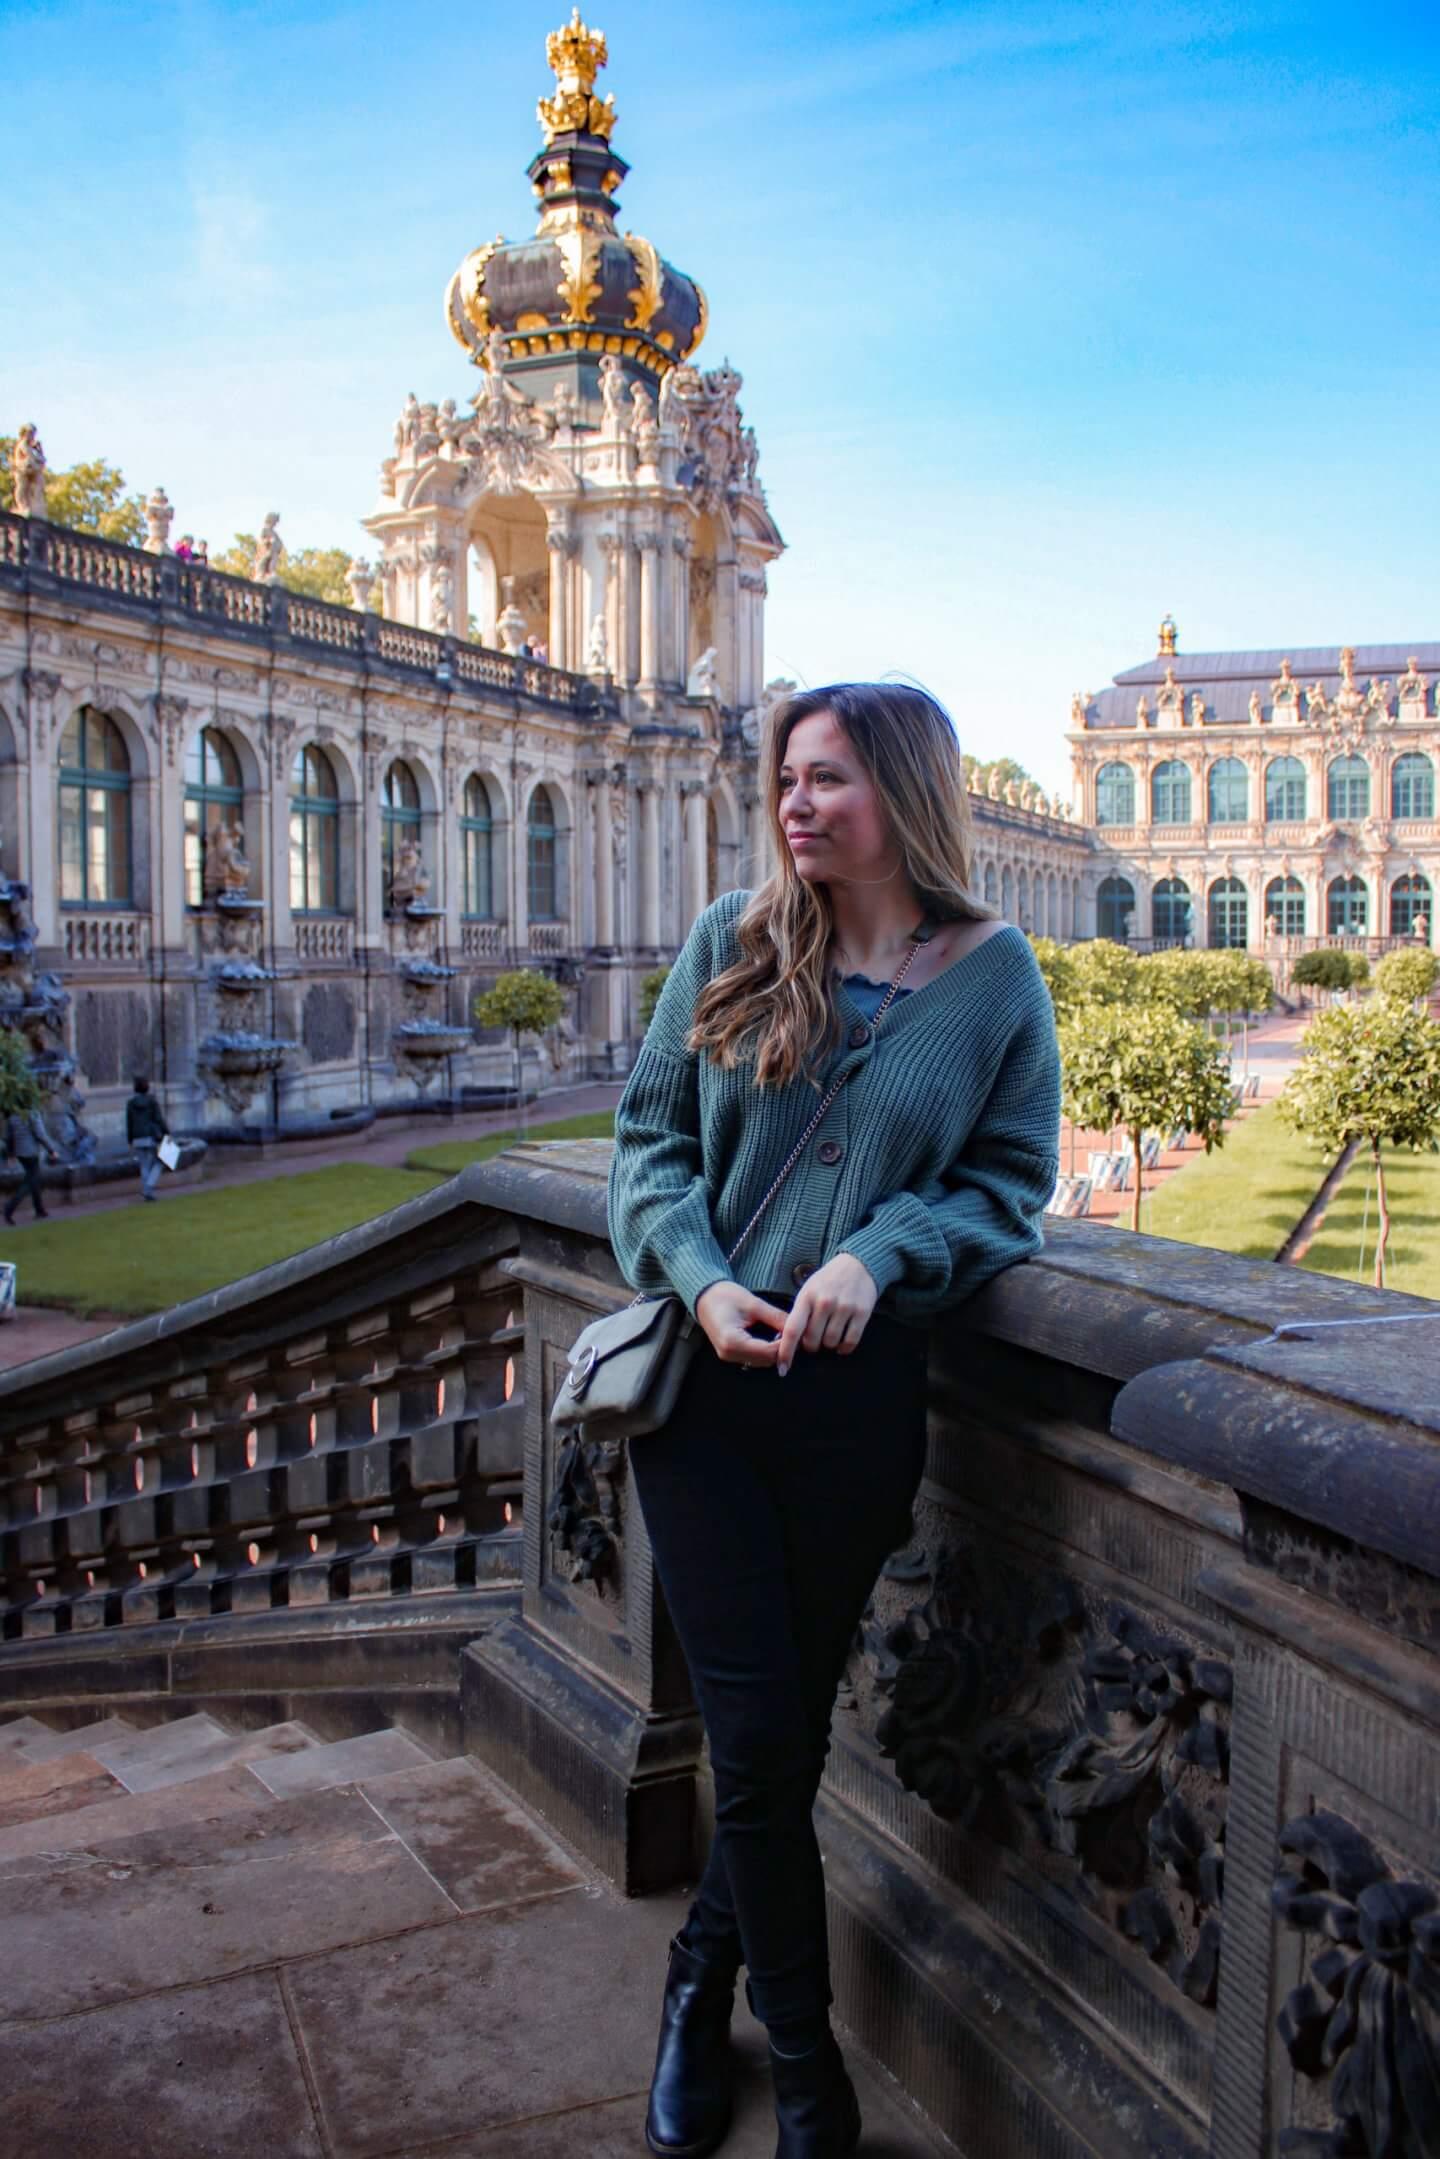 Dresden Fotolocations - Die 7 schönsten Sehenswürdigkeiten Dresdens und was sie kosten